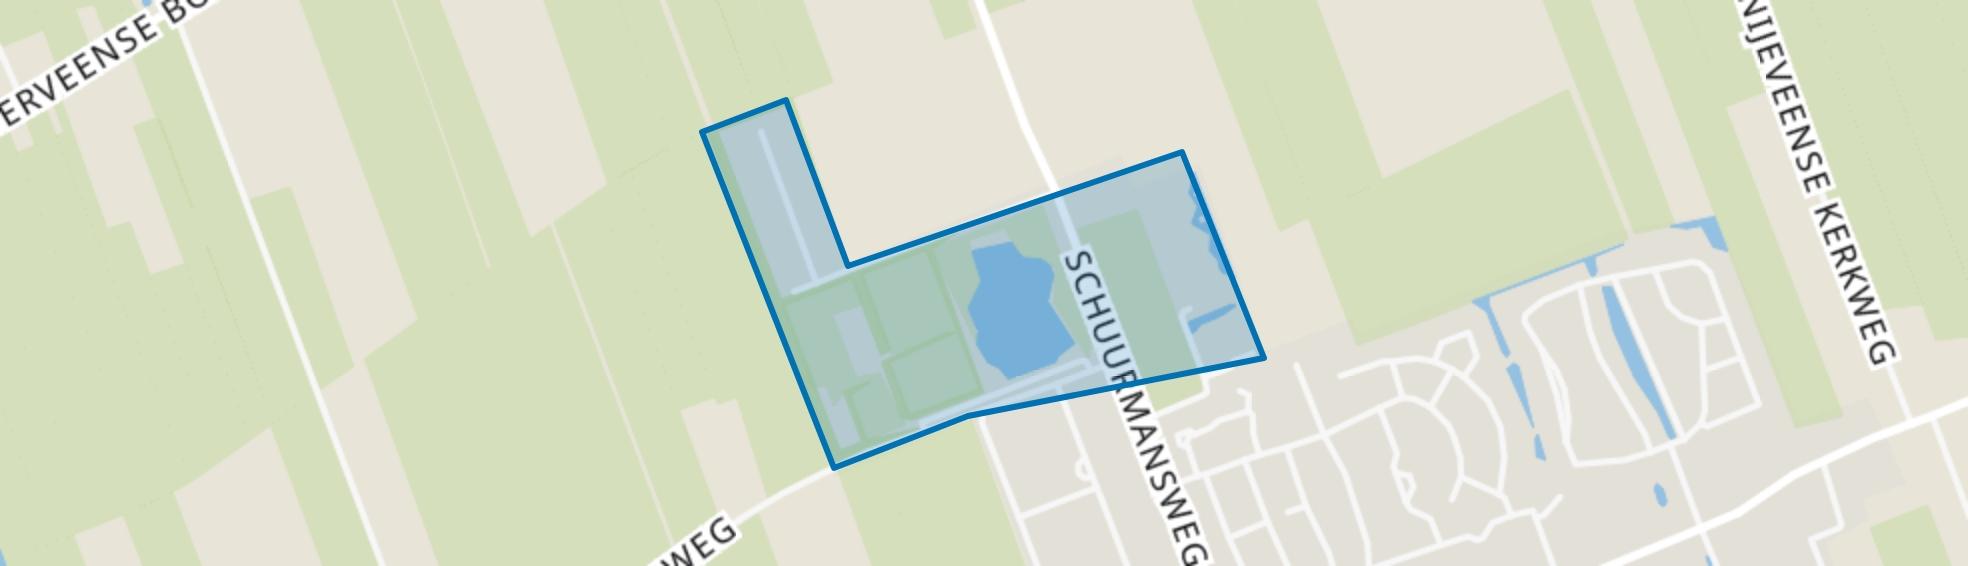 Tussenboerslanden, Nijeveen map